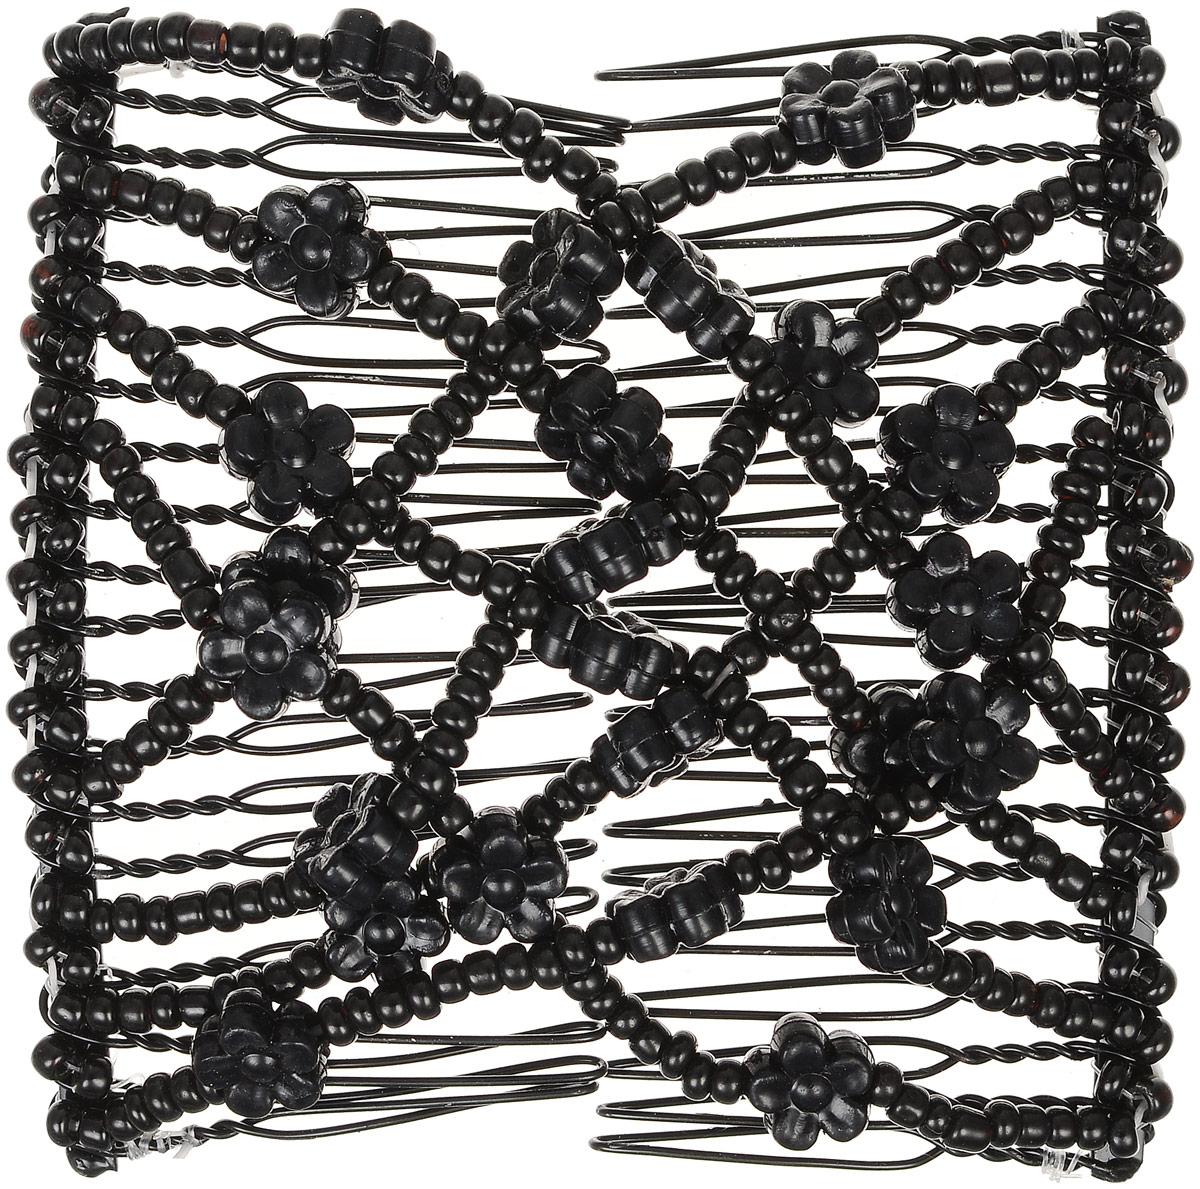 EZ-Combs Заколка Изи-Комбс, одинарная, цвет: черный. ЗИО_цветочкиЗИО_черный, цветочкиУдобная и практичная EZ-Combs подходит для любого типа волос: тонких, жестких, вьющихся или прямых, и не наносит им никакого вреда. Заколка не мешает движениям головы и не создает дискомфорта, когда вы отдыхаете или управляете автомобилем. Каждый гребень имеет по 20 зубьев для надежной фиксации заколки на волосах! И даже во время бега и интенсивных тренировок в спортзале EZ-Combs не падает; она прочно фиксирует прическу, сохраняя укладку в первозданном виде.Небольшая и легкая заколка для волос EZ-Combs поместится в любой дамской сумочке, позволяя быстро и без особых усилий создавать неповторимые прически там, где вам это удобно. Гребень прекрасно сочетается с любой одеждой: будь это классический или спортивный стиль, завершая гармоничный облик современной леди. И неважно, какой образ жизни вы ведете, если у вас есть EZ-Combs, вы всегда будете выглядеть потрясающе.